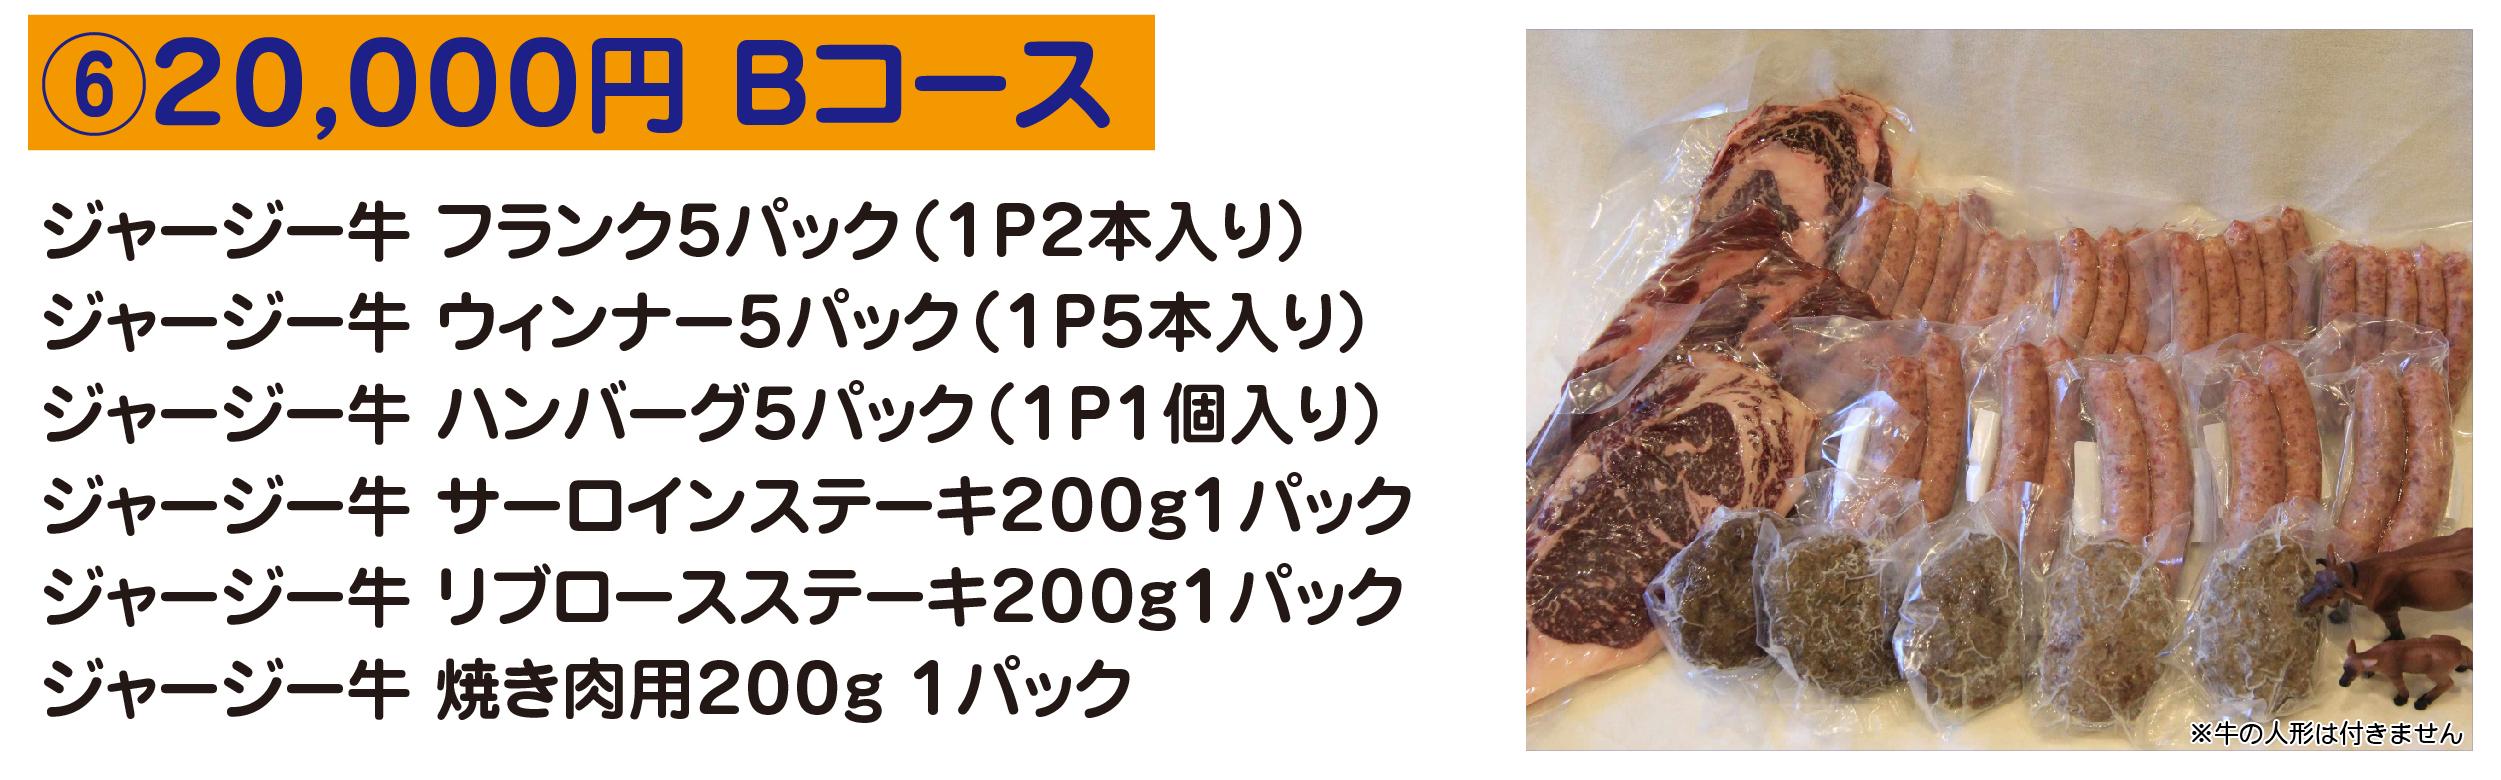 ⑥20,000円 Bコース ジャージー牛 フランク5パック(1P2本入り) ジャージー牛 ウィンナー5パック(1P5本入り) ジャージー牛 ハンバーグ5パック(1P1個入り) ジャージー牛 サーロインステーキ200g1パック ジャージー牛 リブロースステーキ200g1パック ジャージー牛 焼き肉用200g 1パック